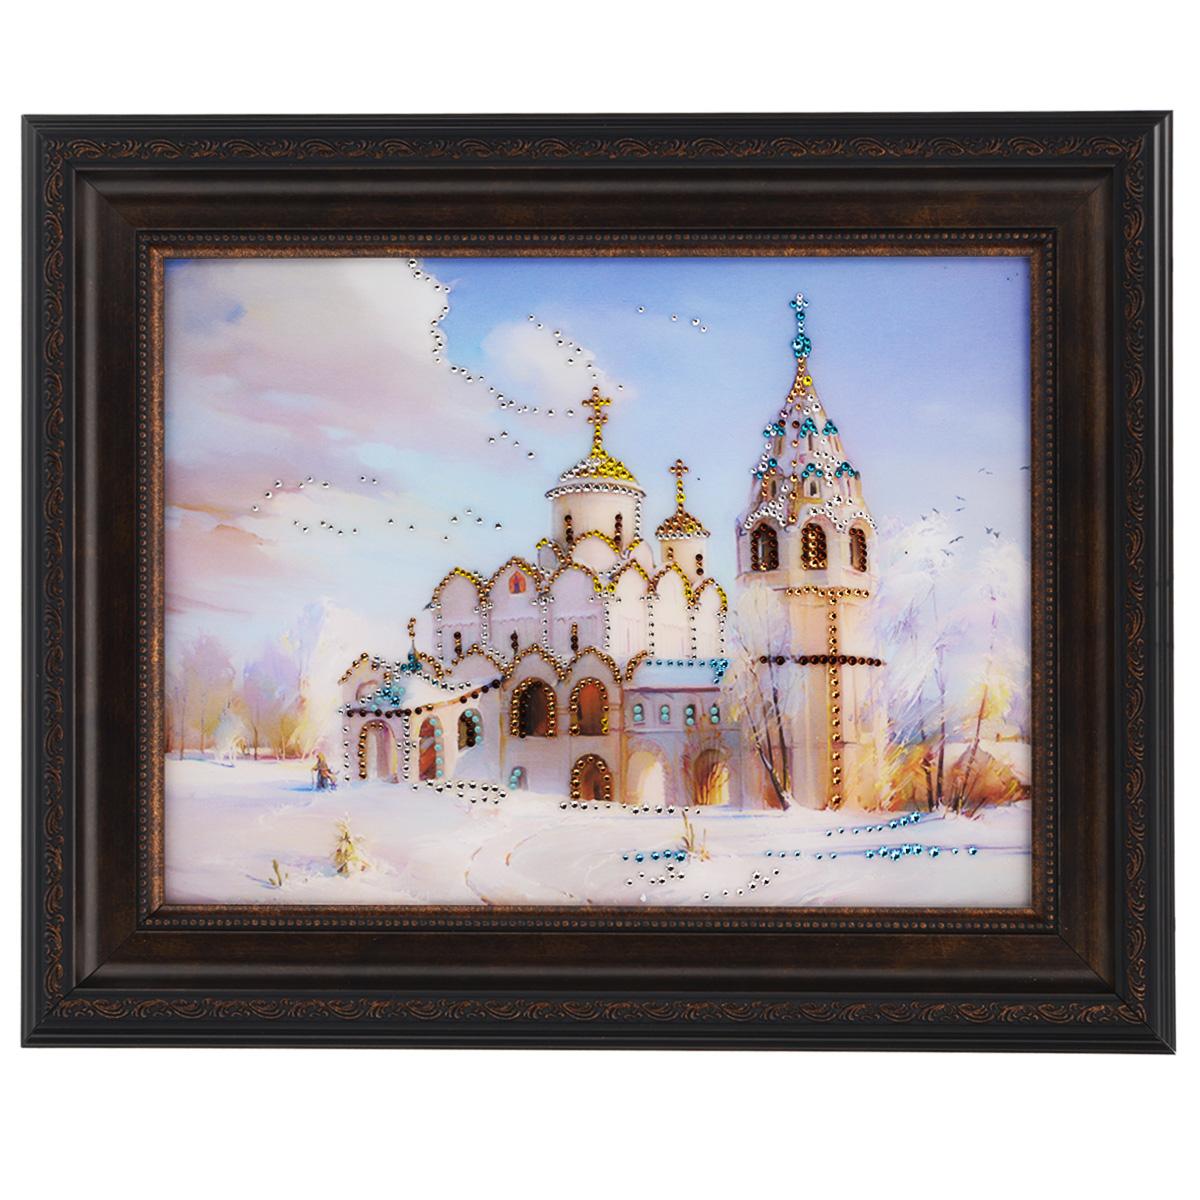 Картина с кристаллами Swarovski Церковь, 50 х 40 см4607161056356Изящная картина в багетной раме, инкрустирована кристаллами Swarovski, которые отличаются четкой и ровной огранкой, ярким блеском и чистотой цвета. Красочное изображение церкови, расположенное под стеклом, прекрасно дополняет блеск кристаллов. С обратной стороны имеется металлическая проволока для размещения картины на стене. Картина с кристаллами Swarovski Церковь элегантно украсит интерьер дома или офиса, а также станет прекрасным подарком, который обязательно понравится получателю. Блеск кристаллов в интерьере, что может быть сказочнее и удивительнее. Картина упакована в подарочную картонную коробку синего цвета и комплектуется сертификатом соответствия Swarovski.